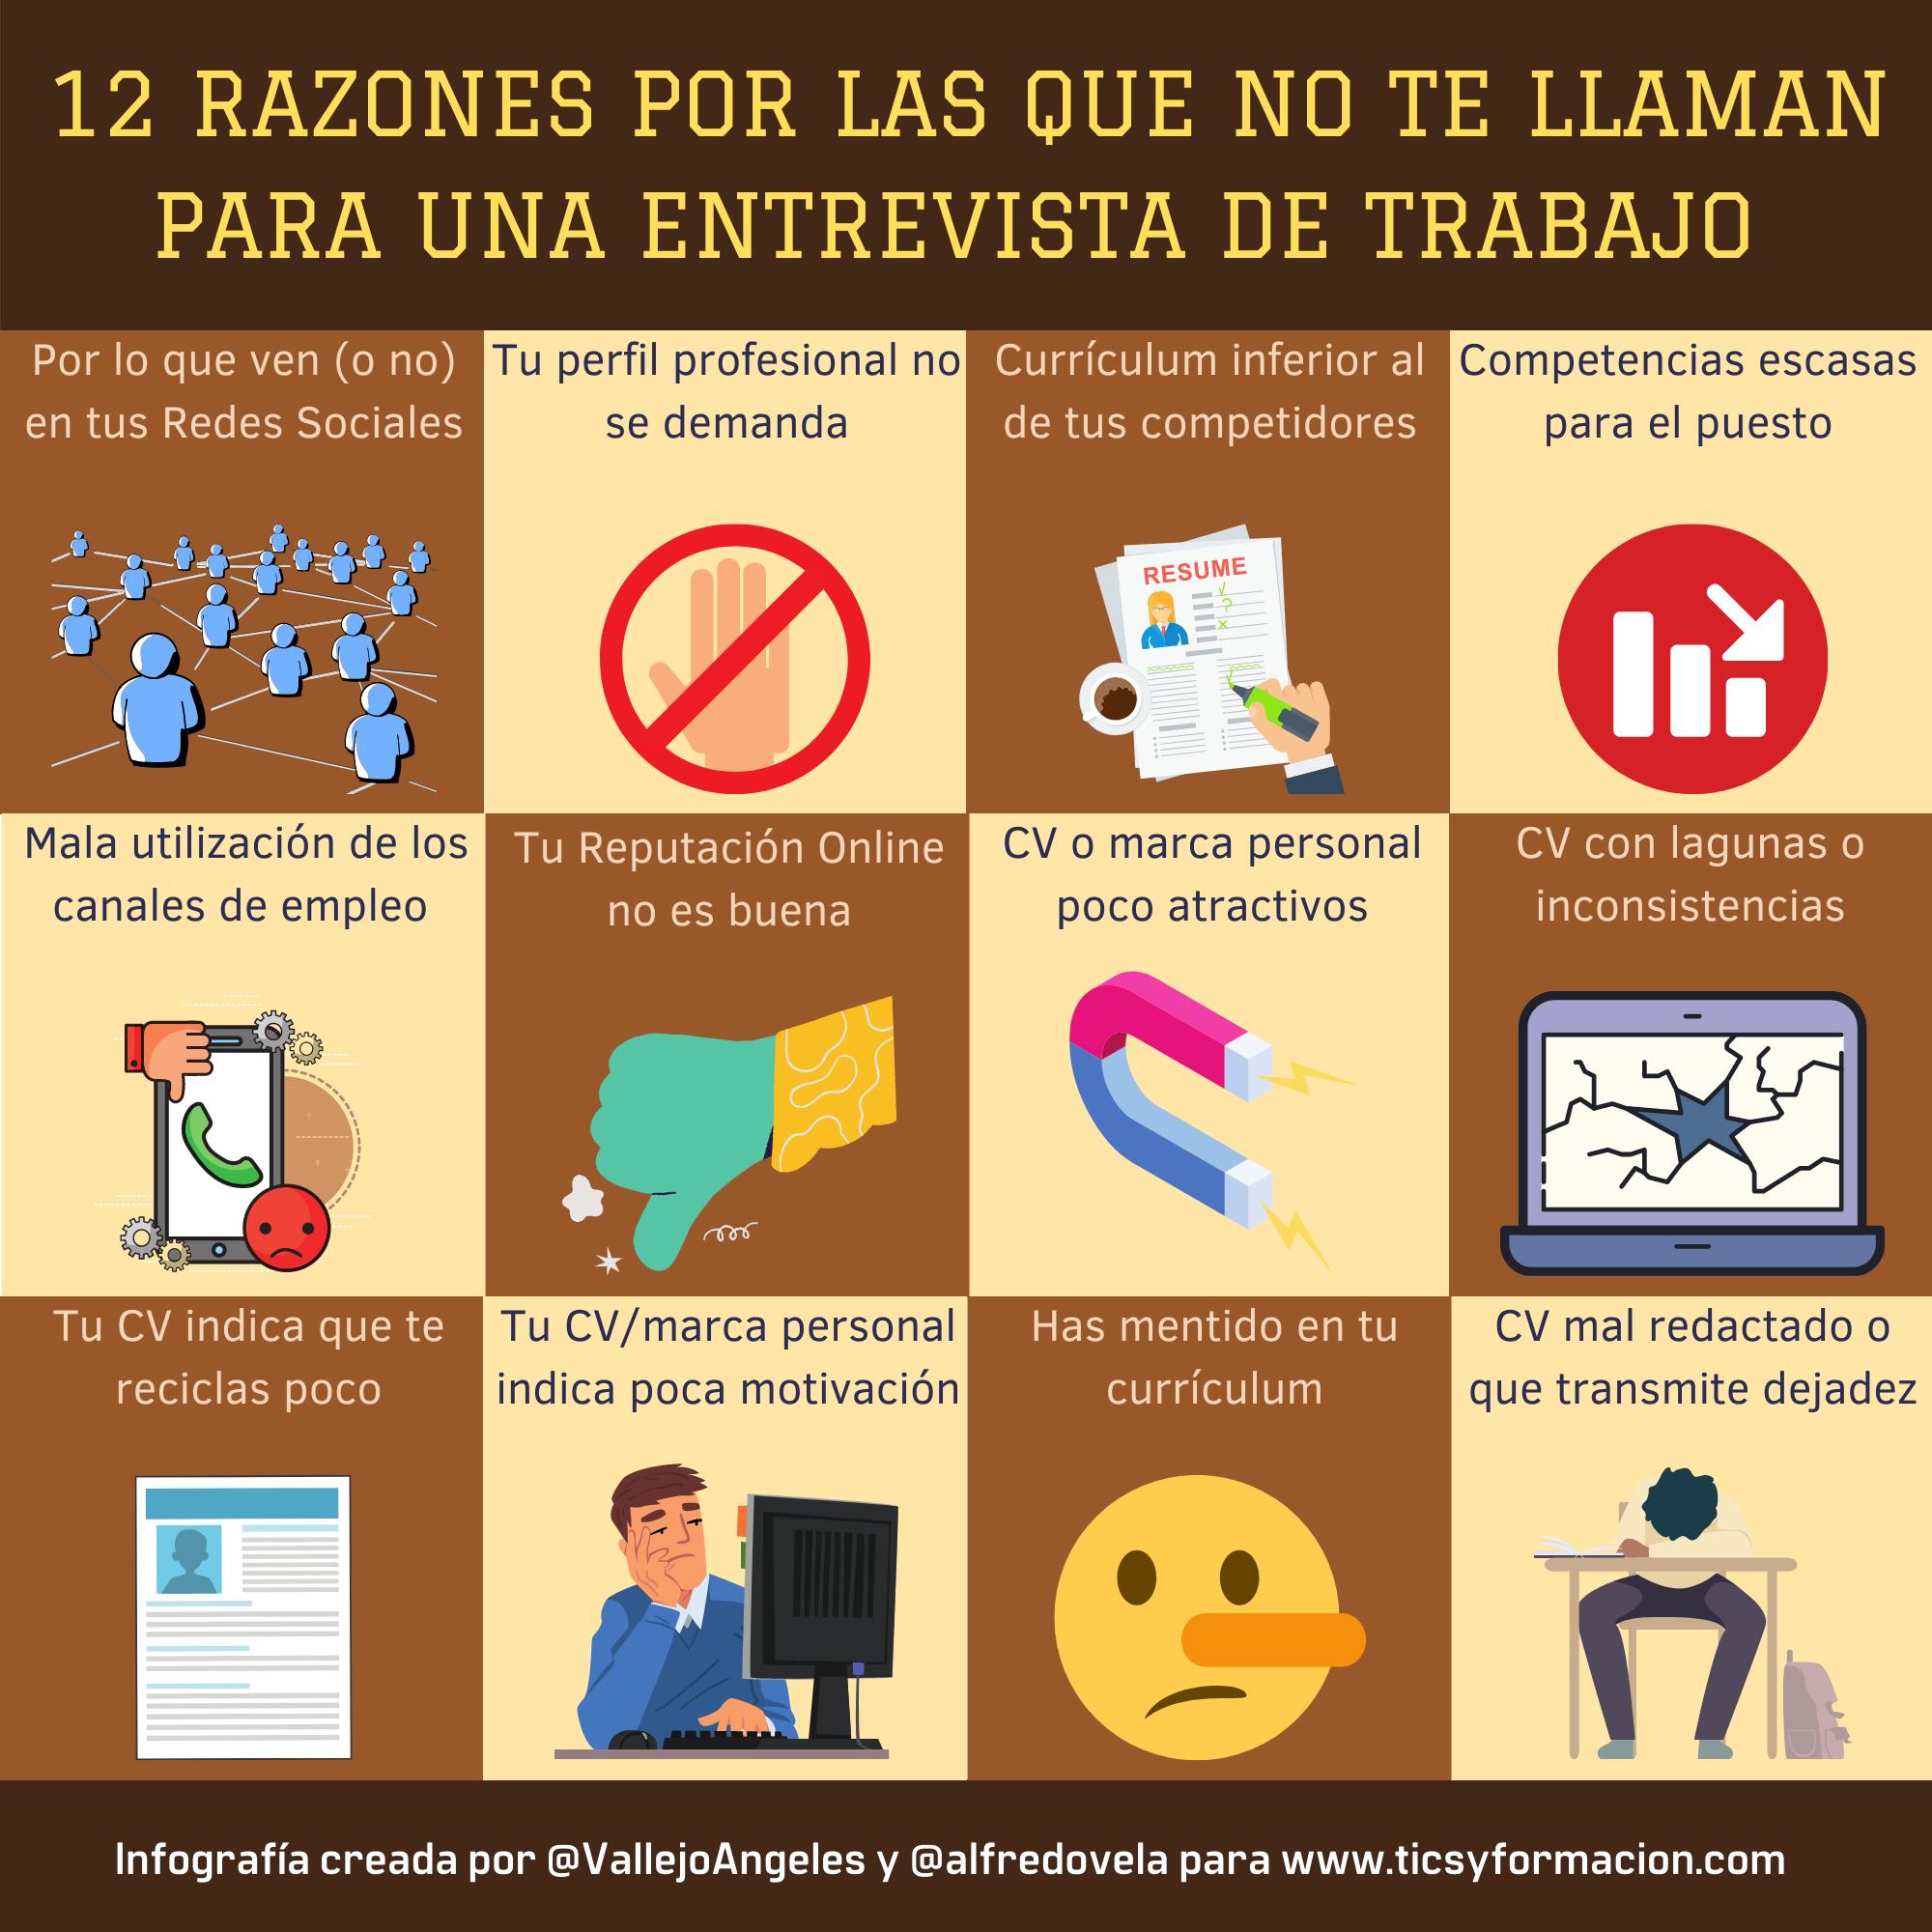 12 razones por las que no te llaman a una entrevista de trabajo #infografia #FOL #OrientaciónLaboral #RRHH